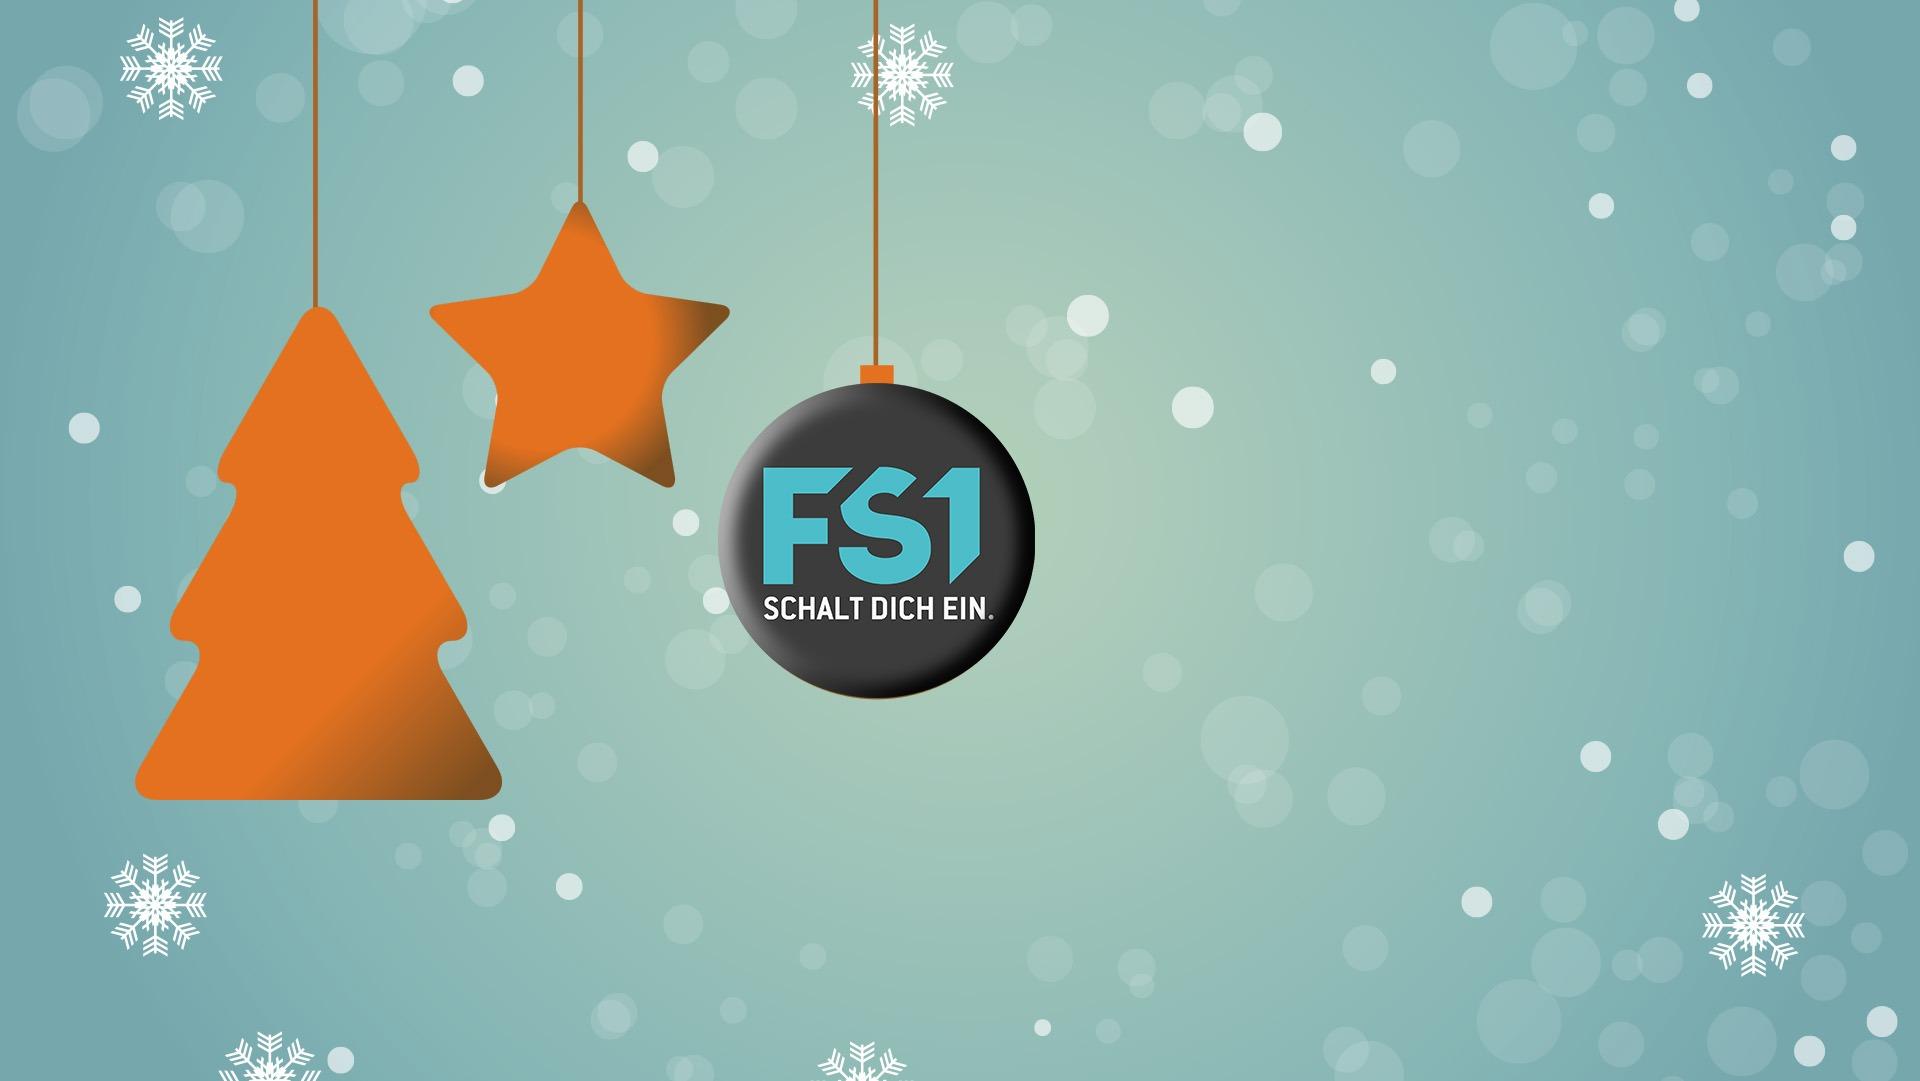 FS1 Weihnachtsferien